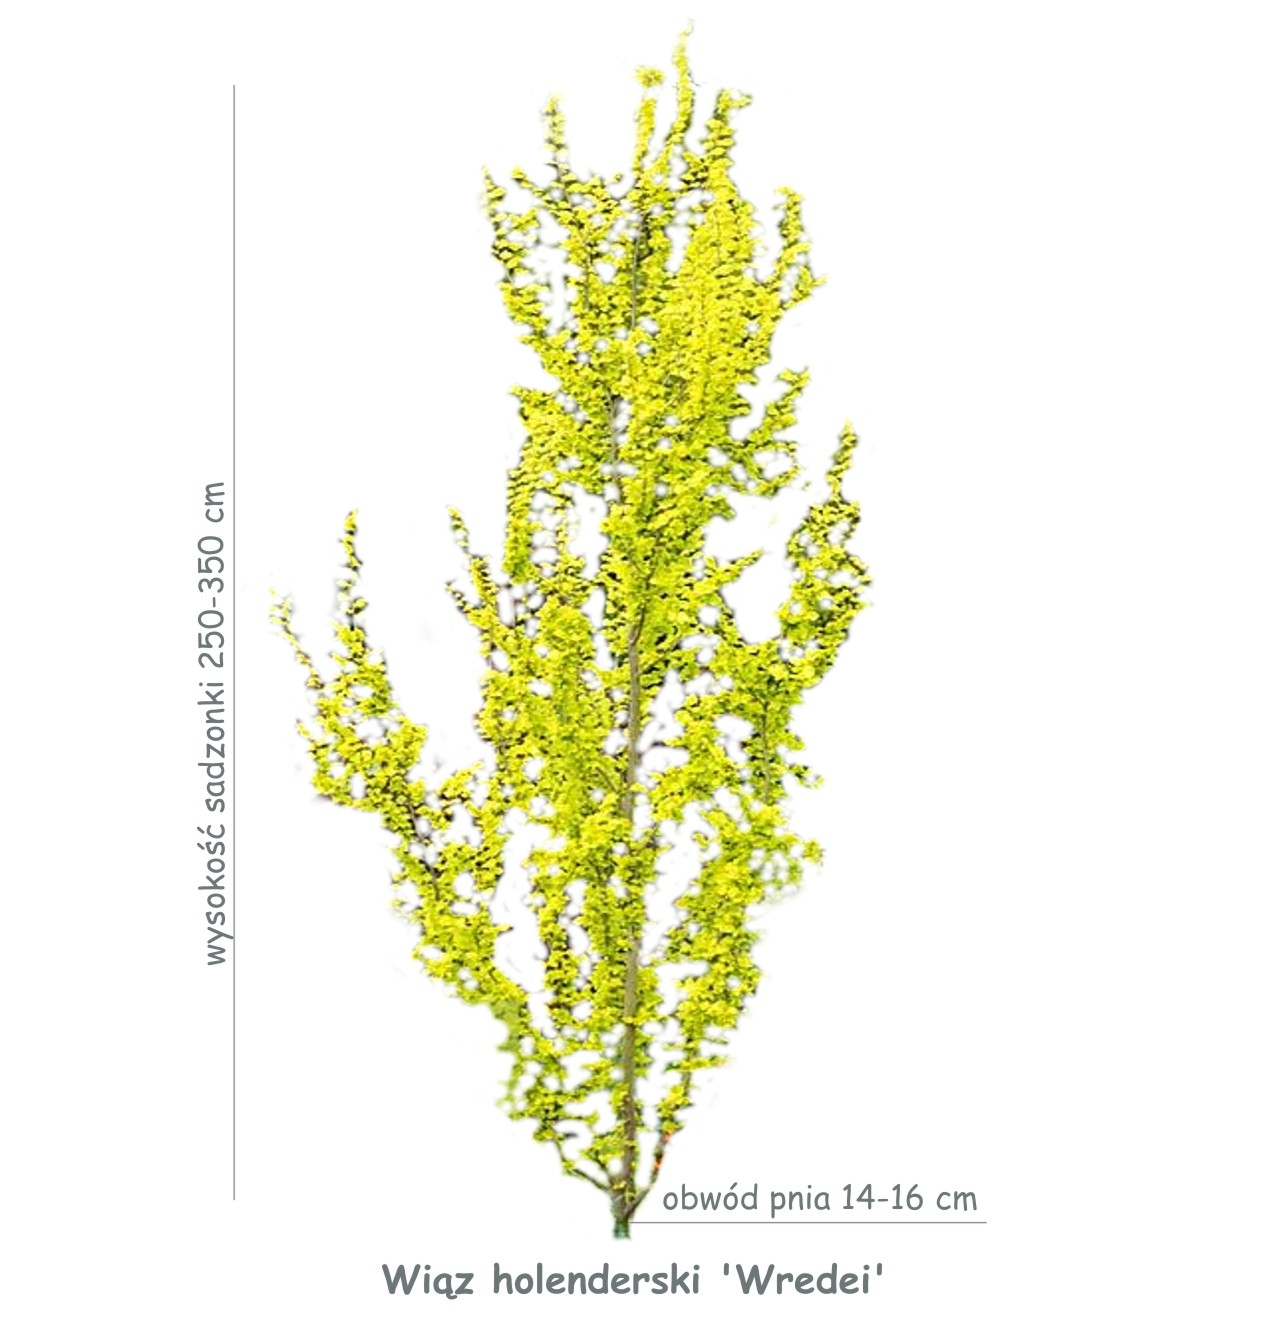 Wiąz holenderski 'Wredei' (Ulmus x hollandica) sadzonka o obwodzie pnia 14-16 cm